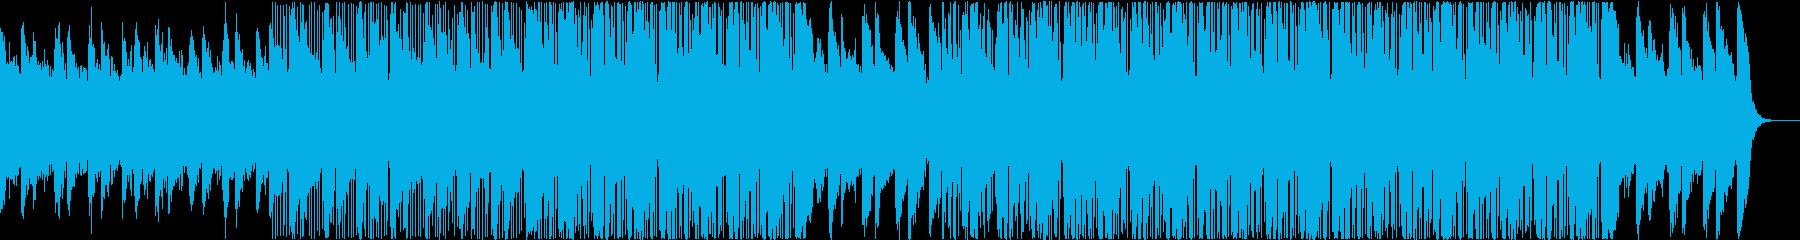 コーラス、ヒップホップ、ピアノ、おしゃれの再生済みの波形